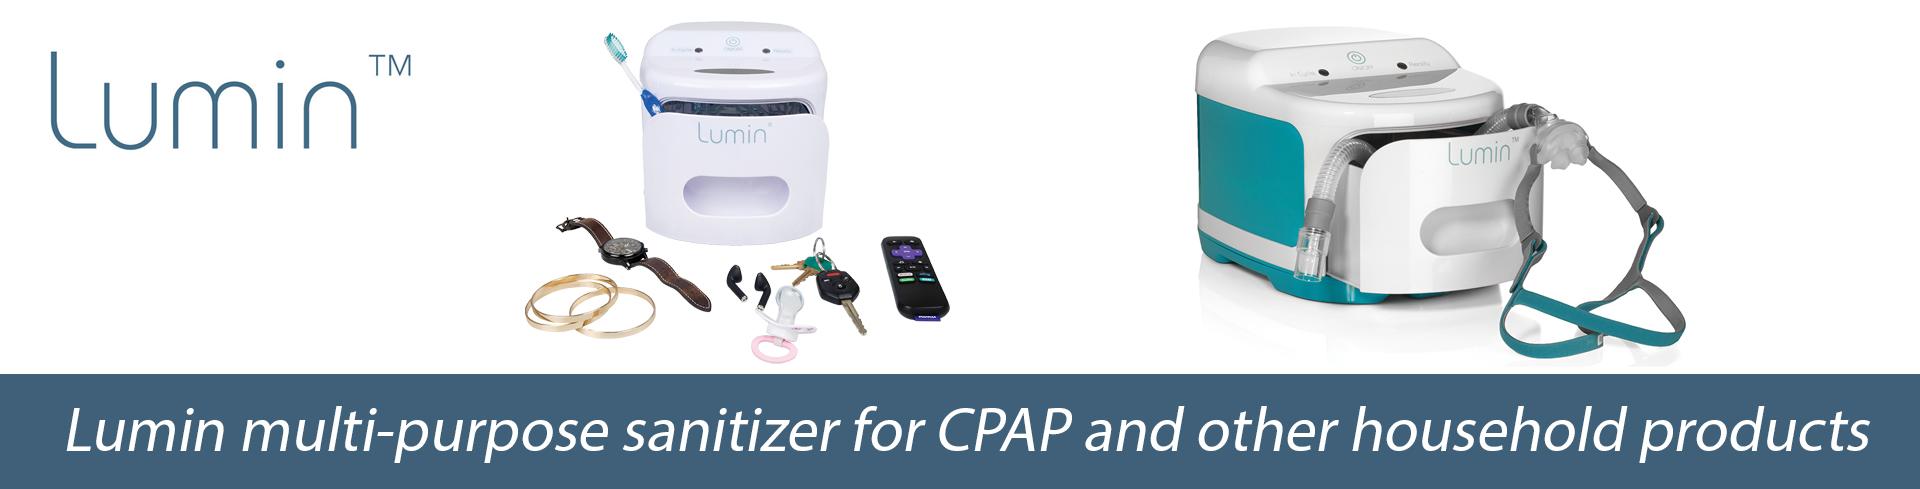 Lumin CPAP